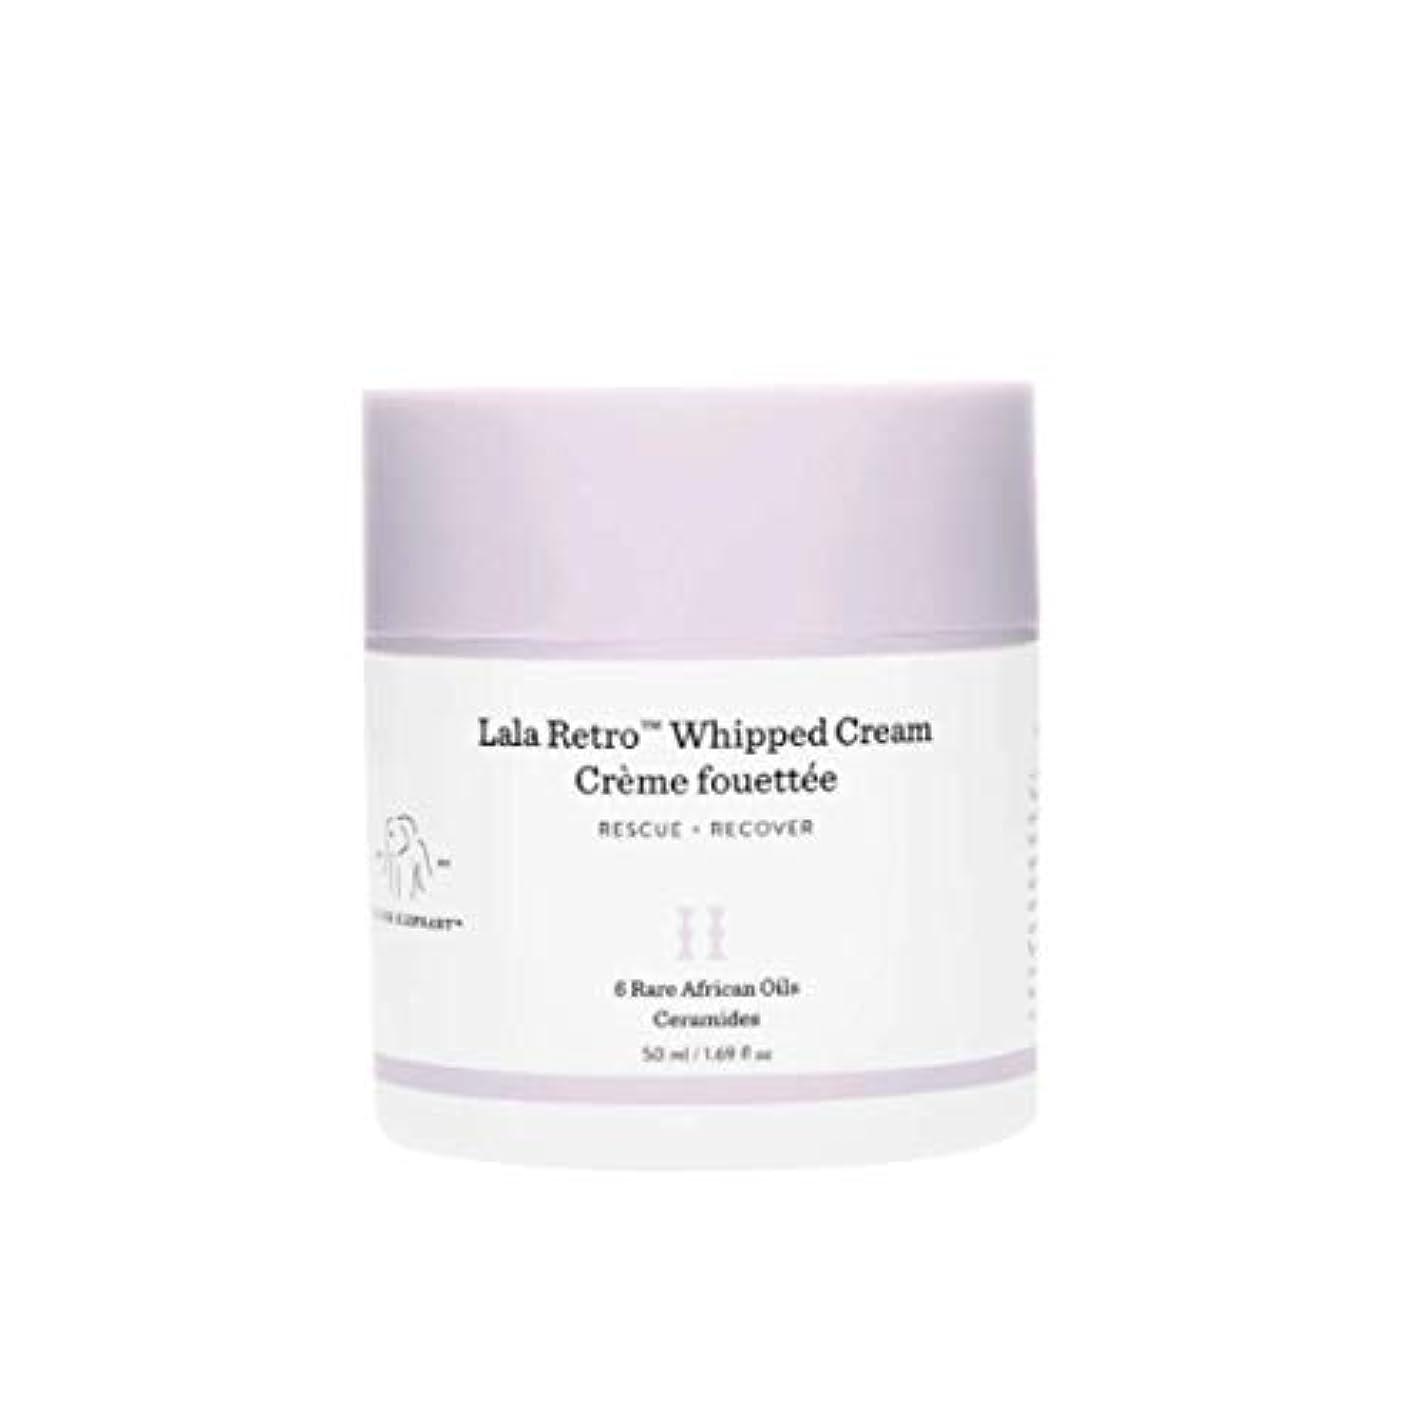 バータウポ湖テスピアンDRUNK ELEPHANT Lala Retro Whipped Cream 1.69 oz/ 50 ml ドランクエレファント ララレトロ ホイップドクリーム 1.69 oz/ 50 ml